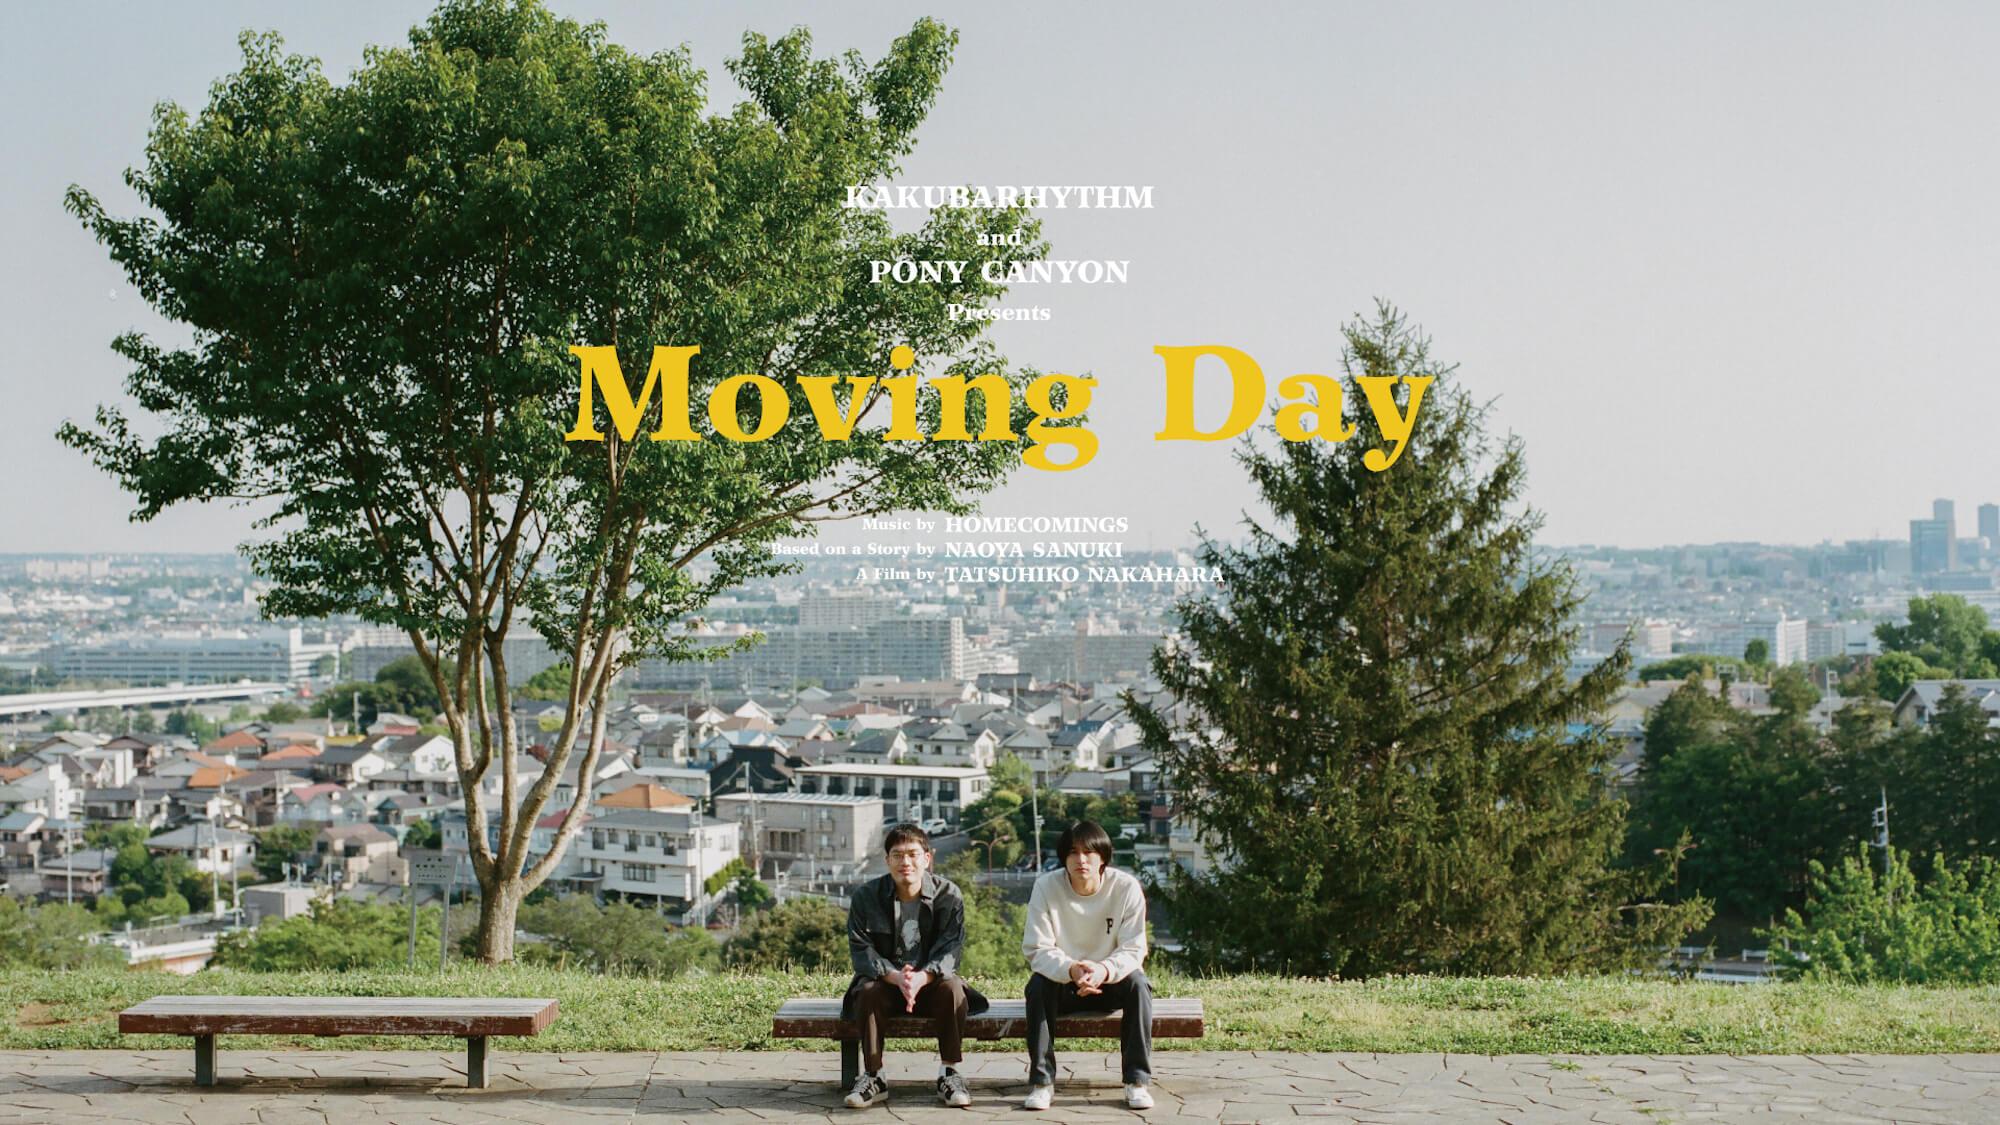 Homecomings「Moving Day Pt. 2」オフィシャルショートムービー公開。メンバーに「引越し」と「暮らし」についてお聞きしました